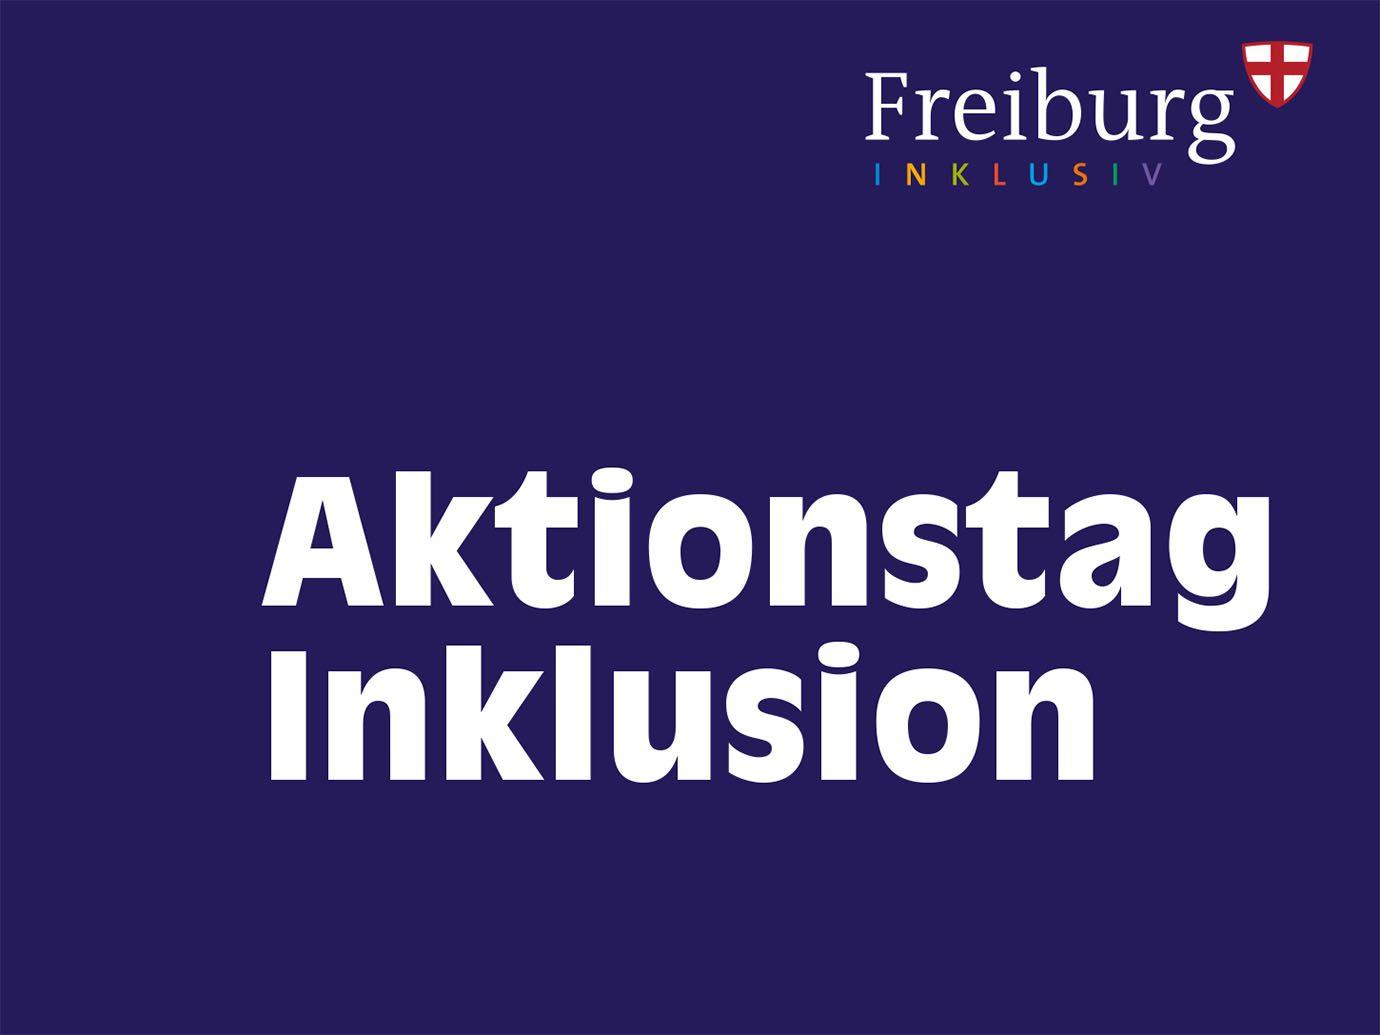 Freiburg inklusiv